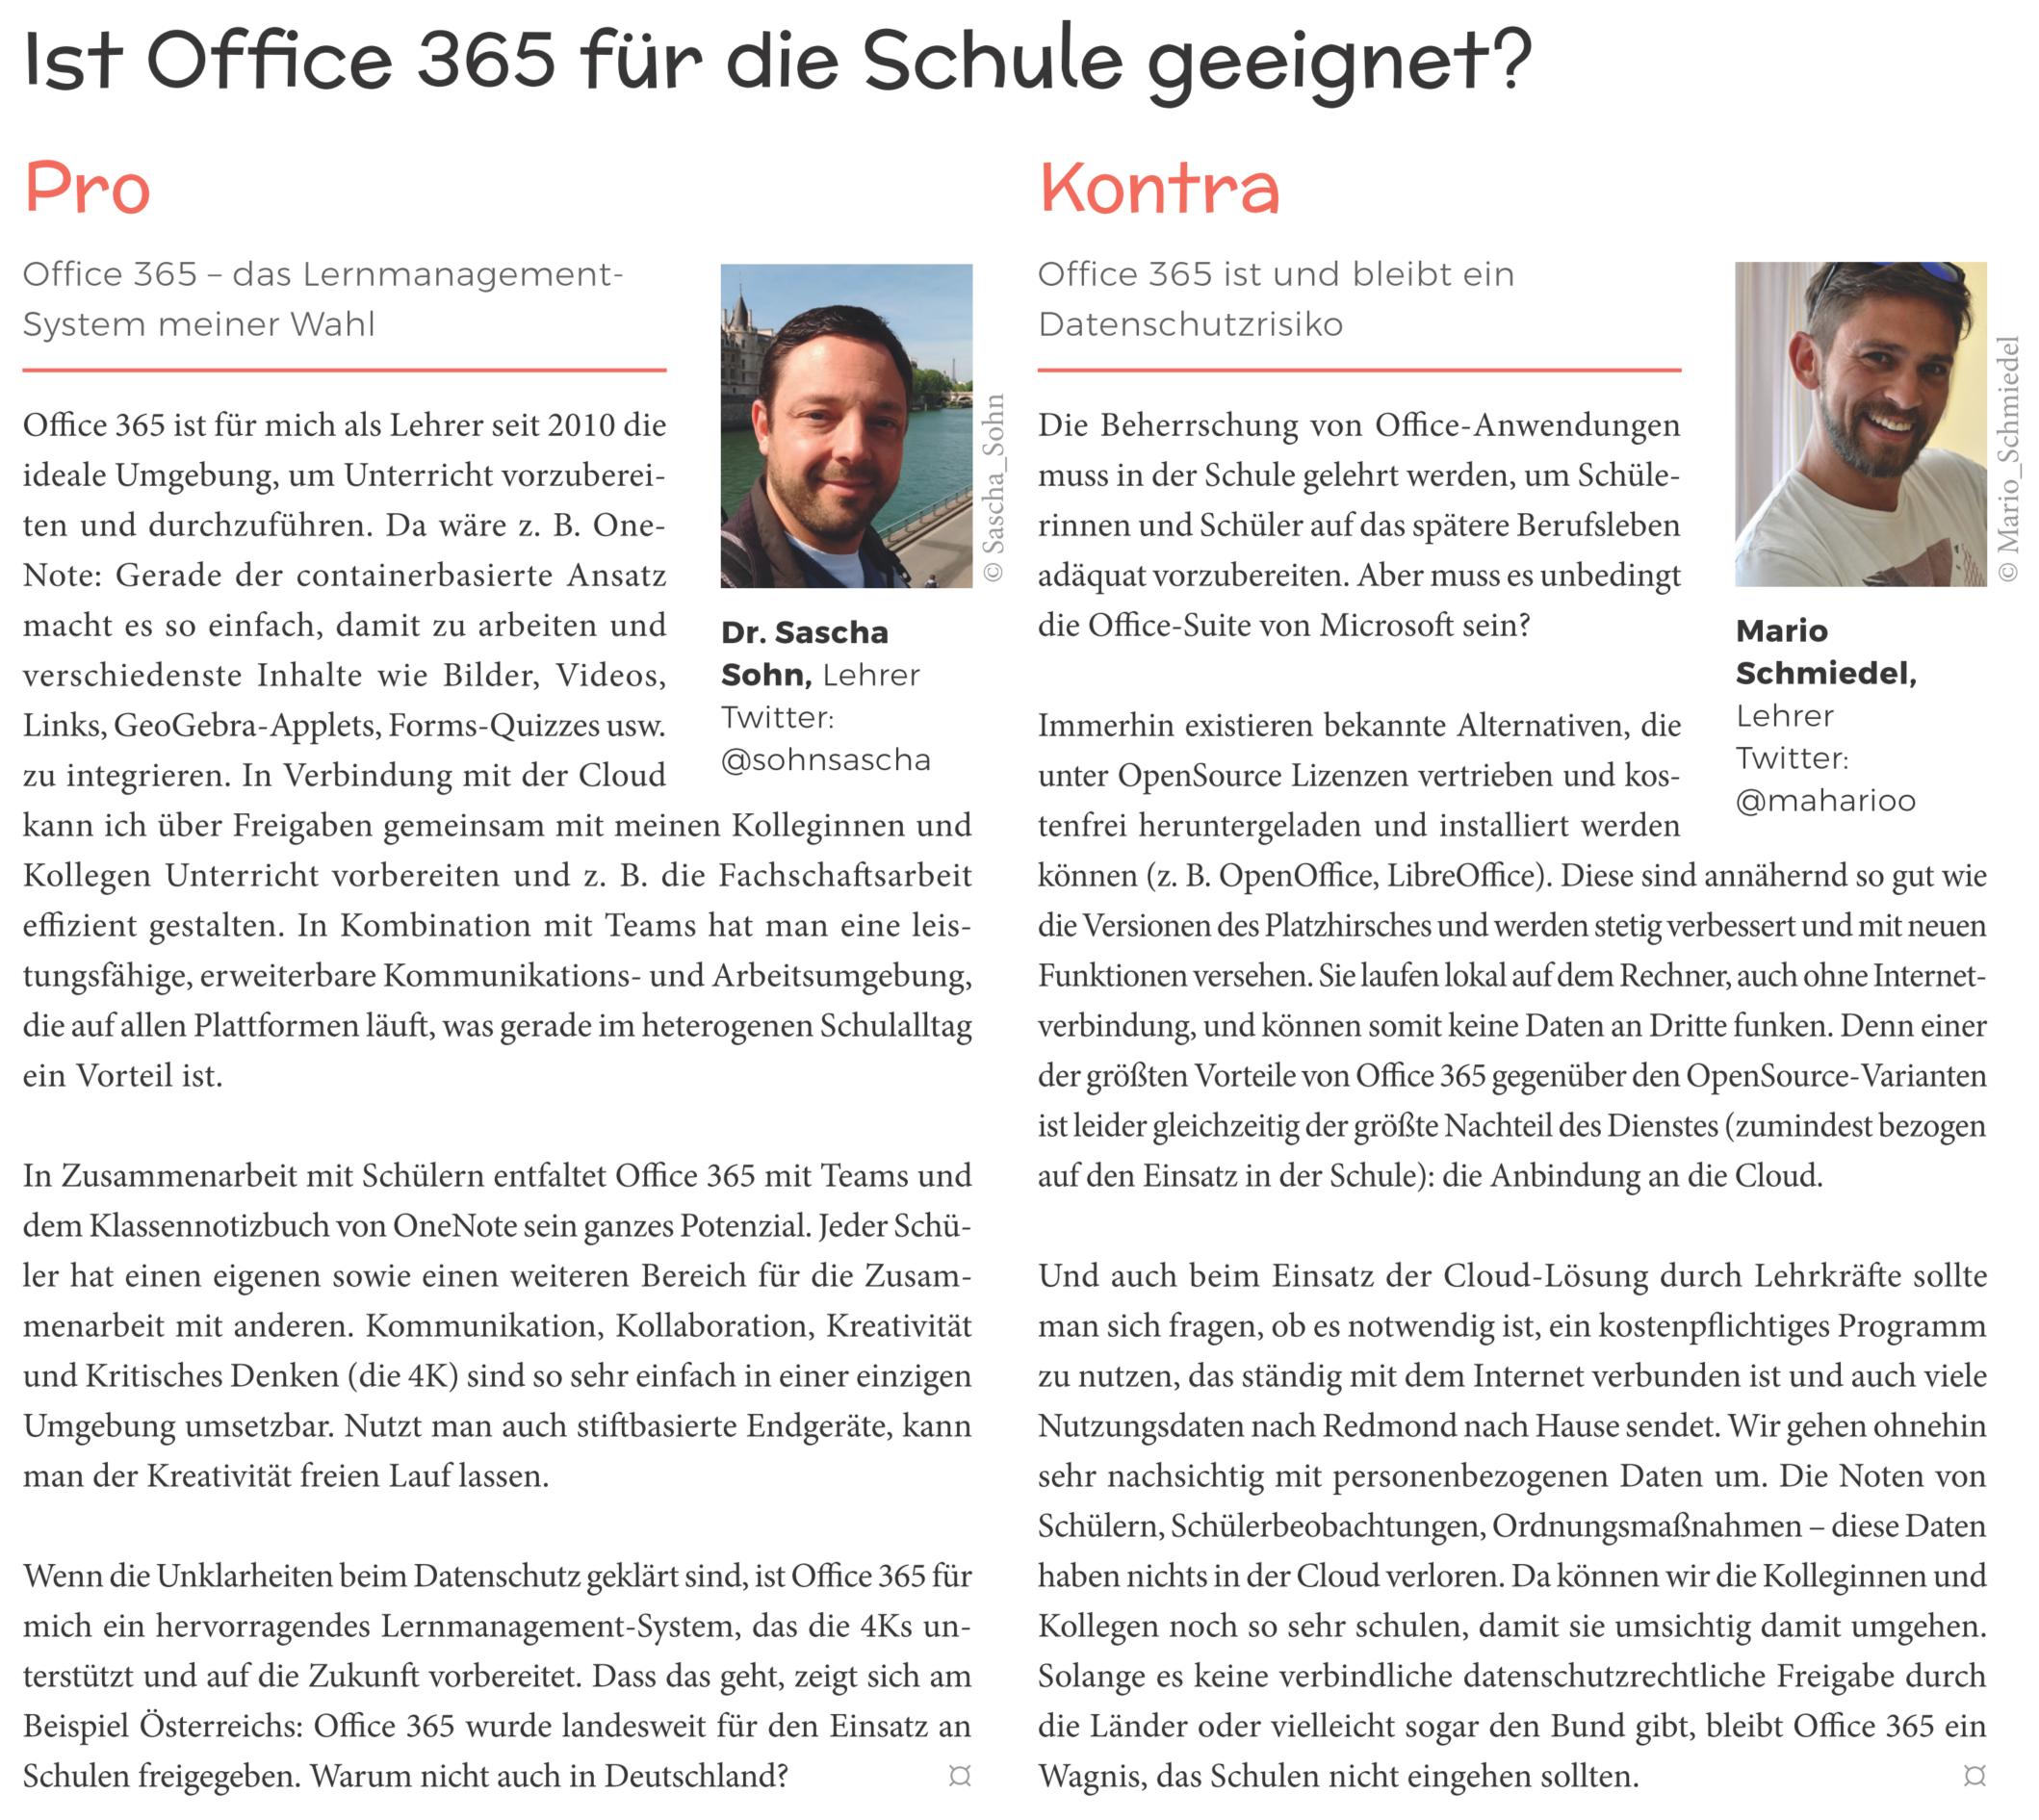 Ist Office 365 für die Schule geeignet?